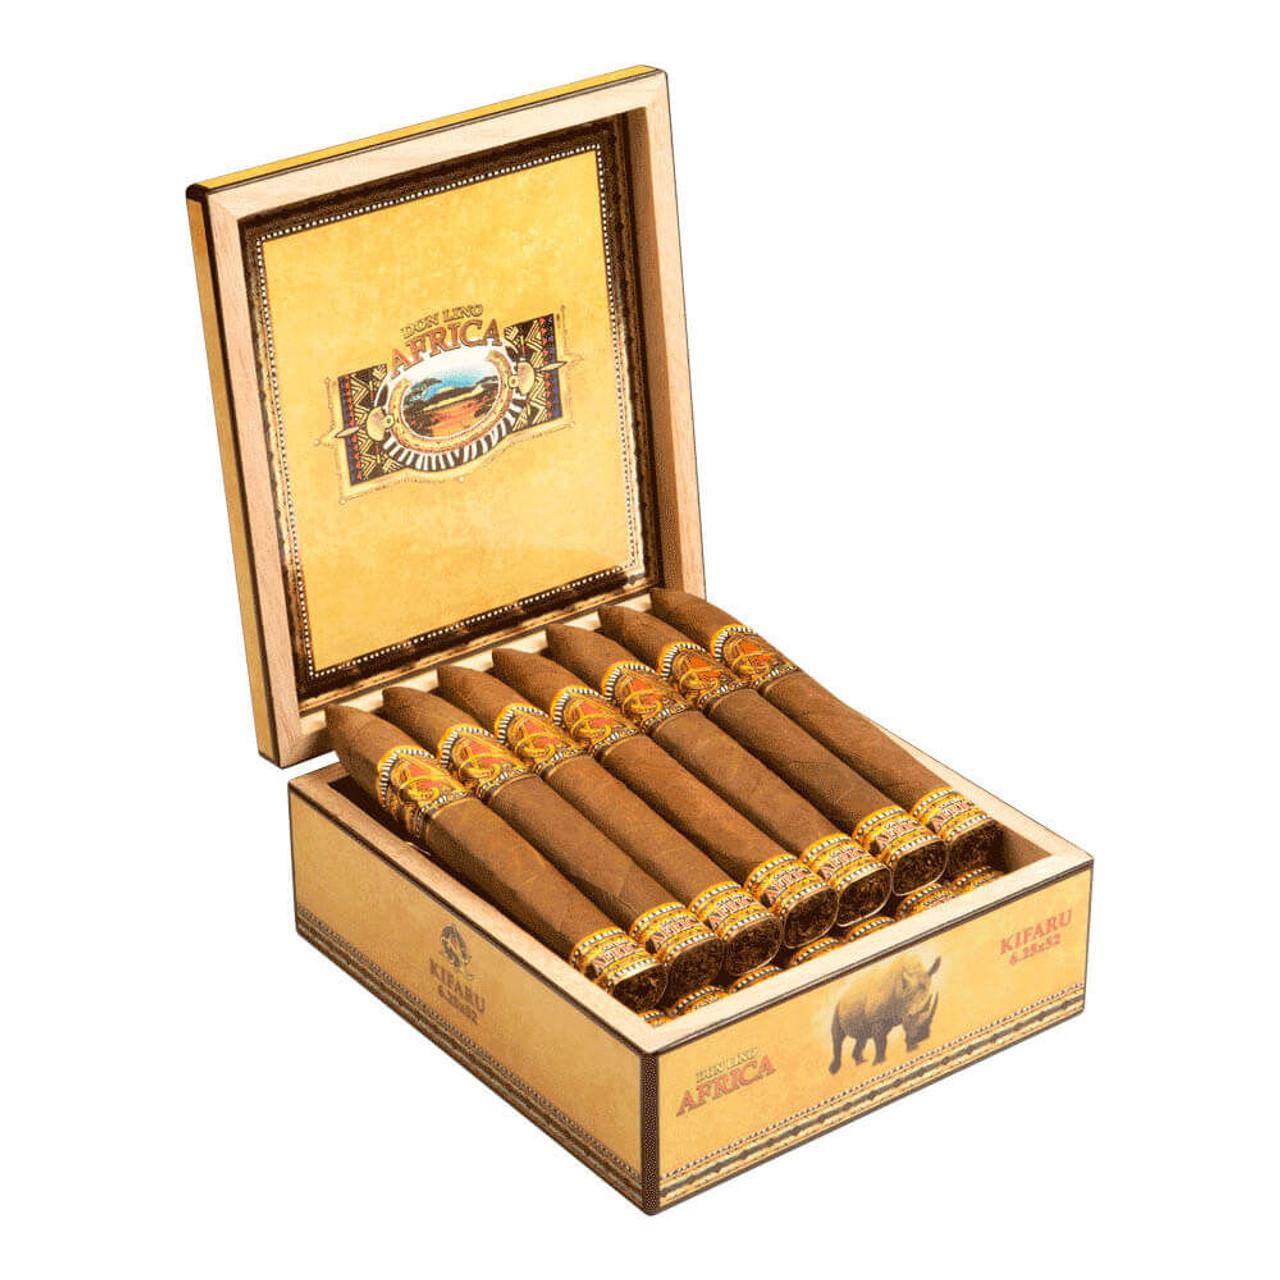 Don Lino Africa Belicoso Kifaru Cigars - 6.25 x 52 (Box of 20)